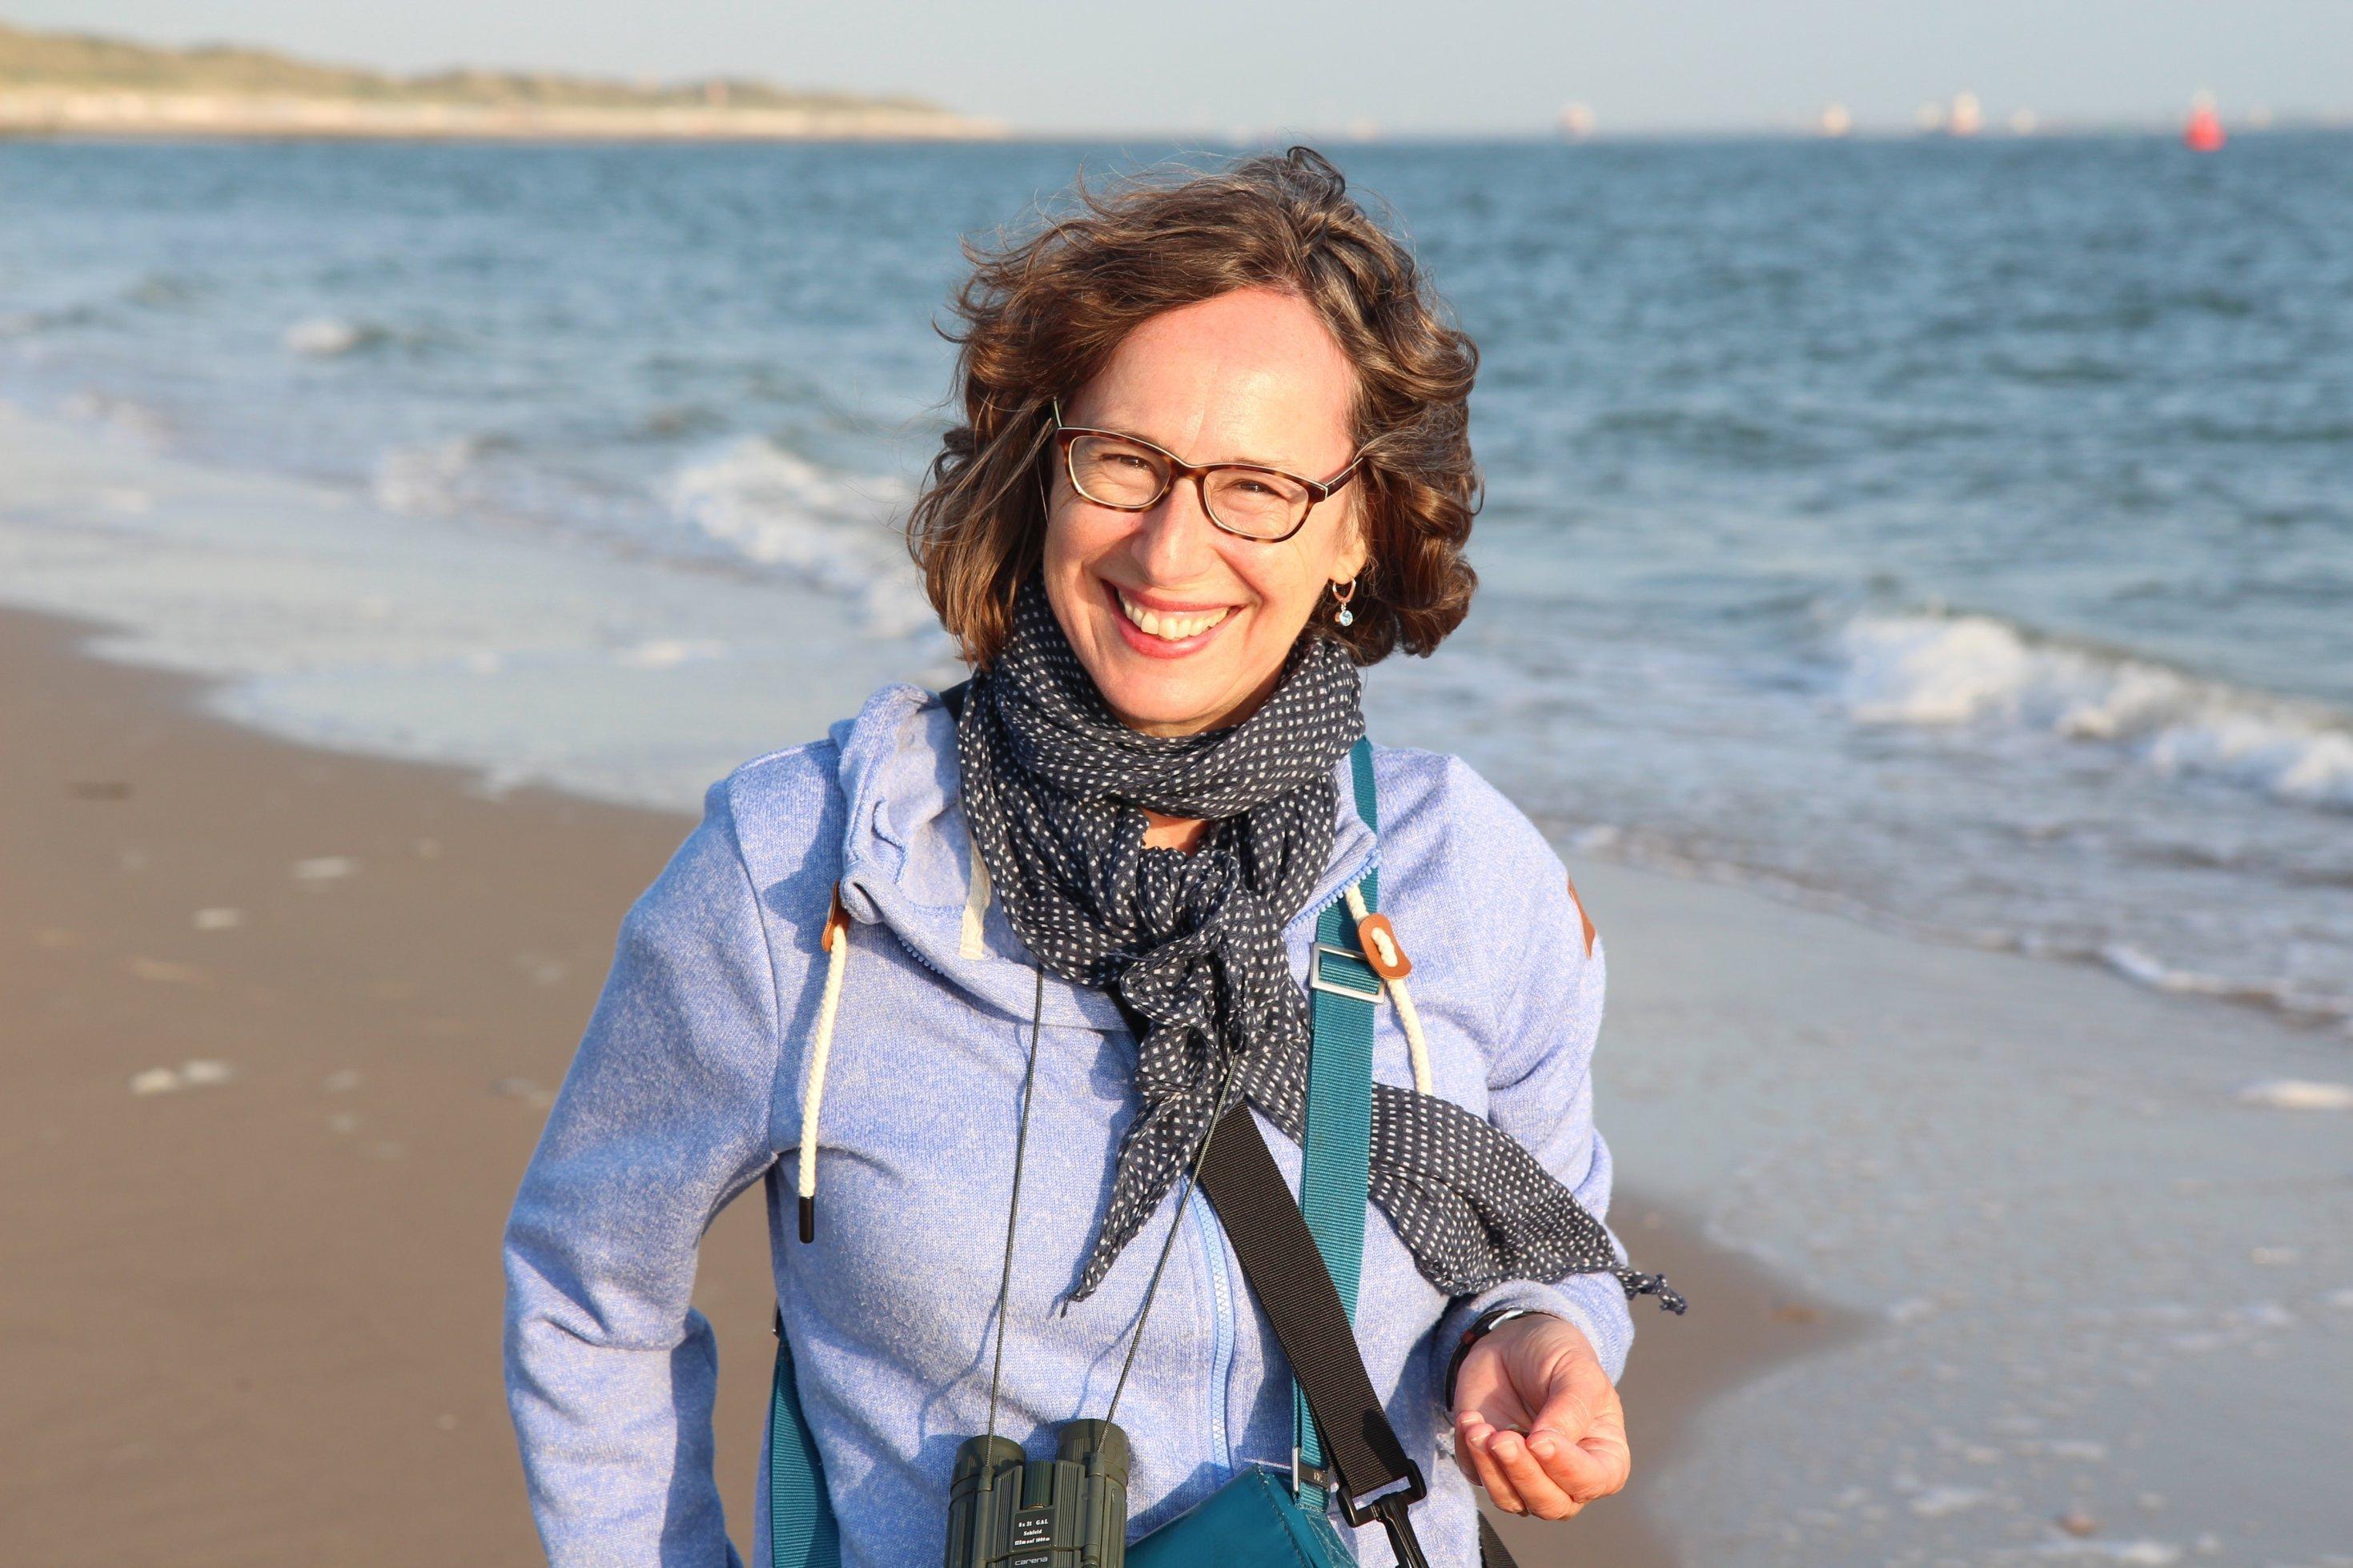 Daniela Pauli an einem Strand. Sie trägt ein Fernglas um den Hals.